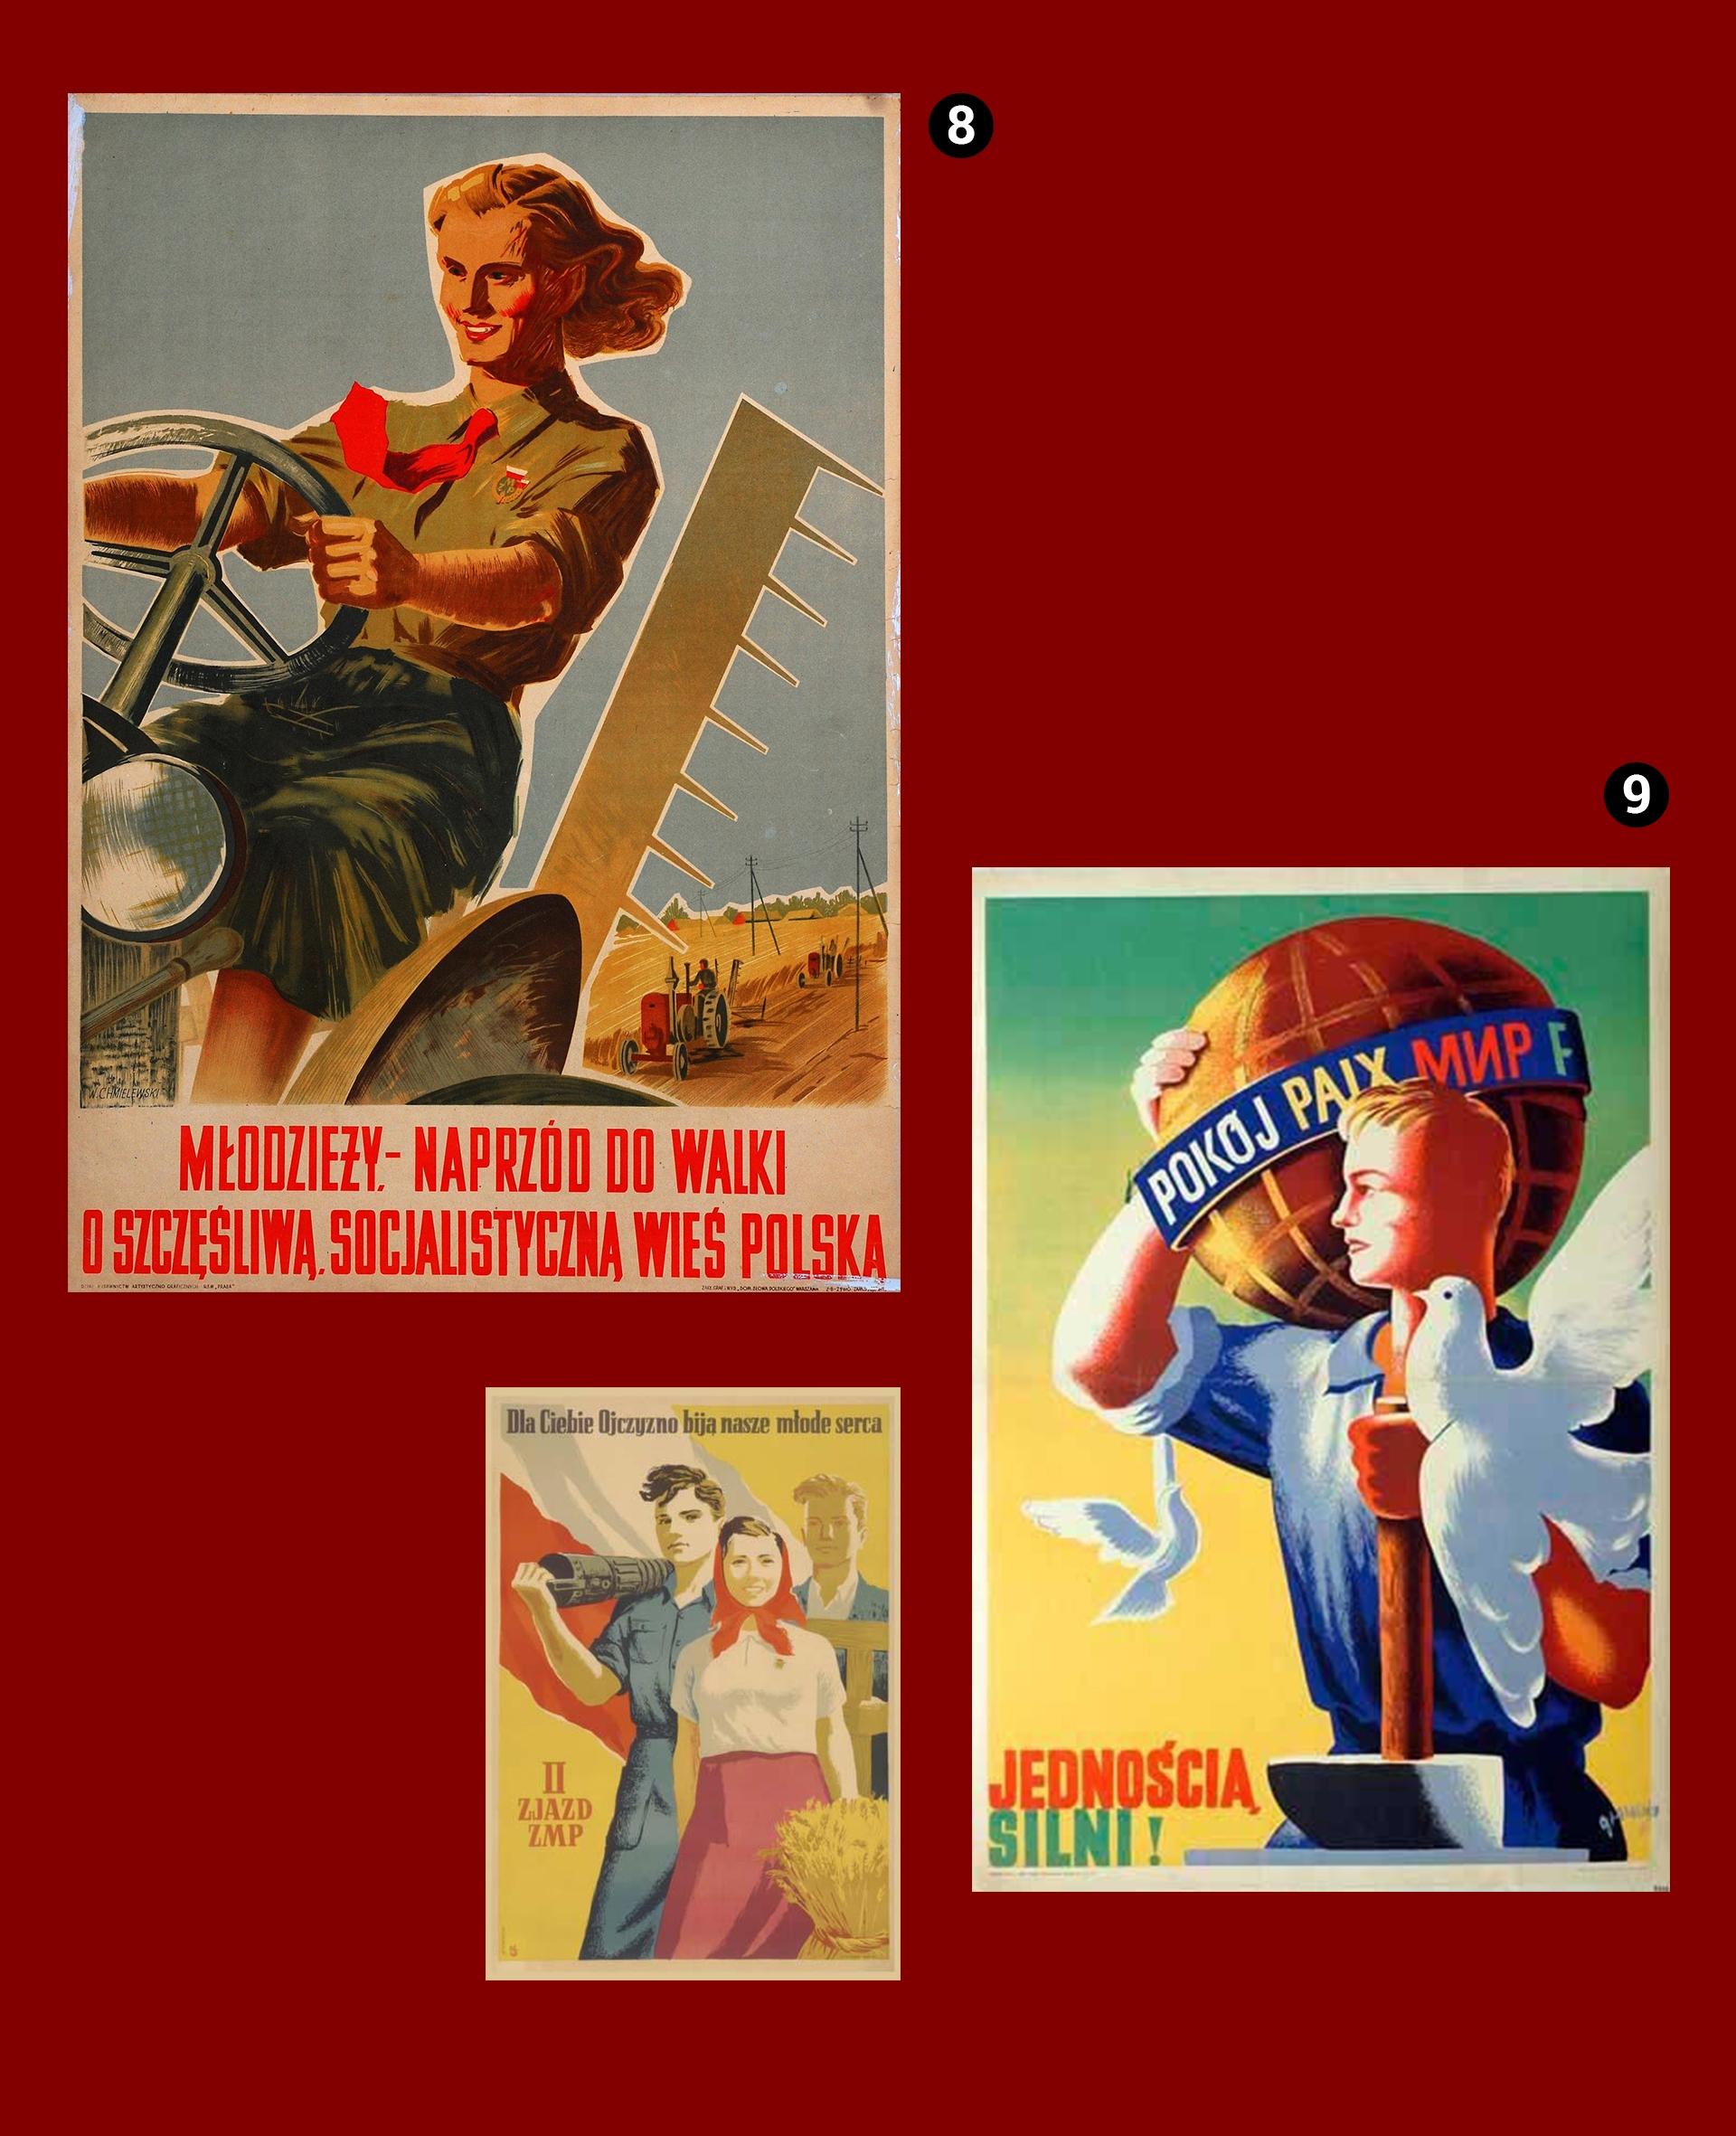 Obraz przedstawia trzy plakaty propagandowe na bordowym tle.